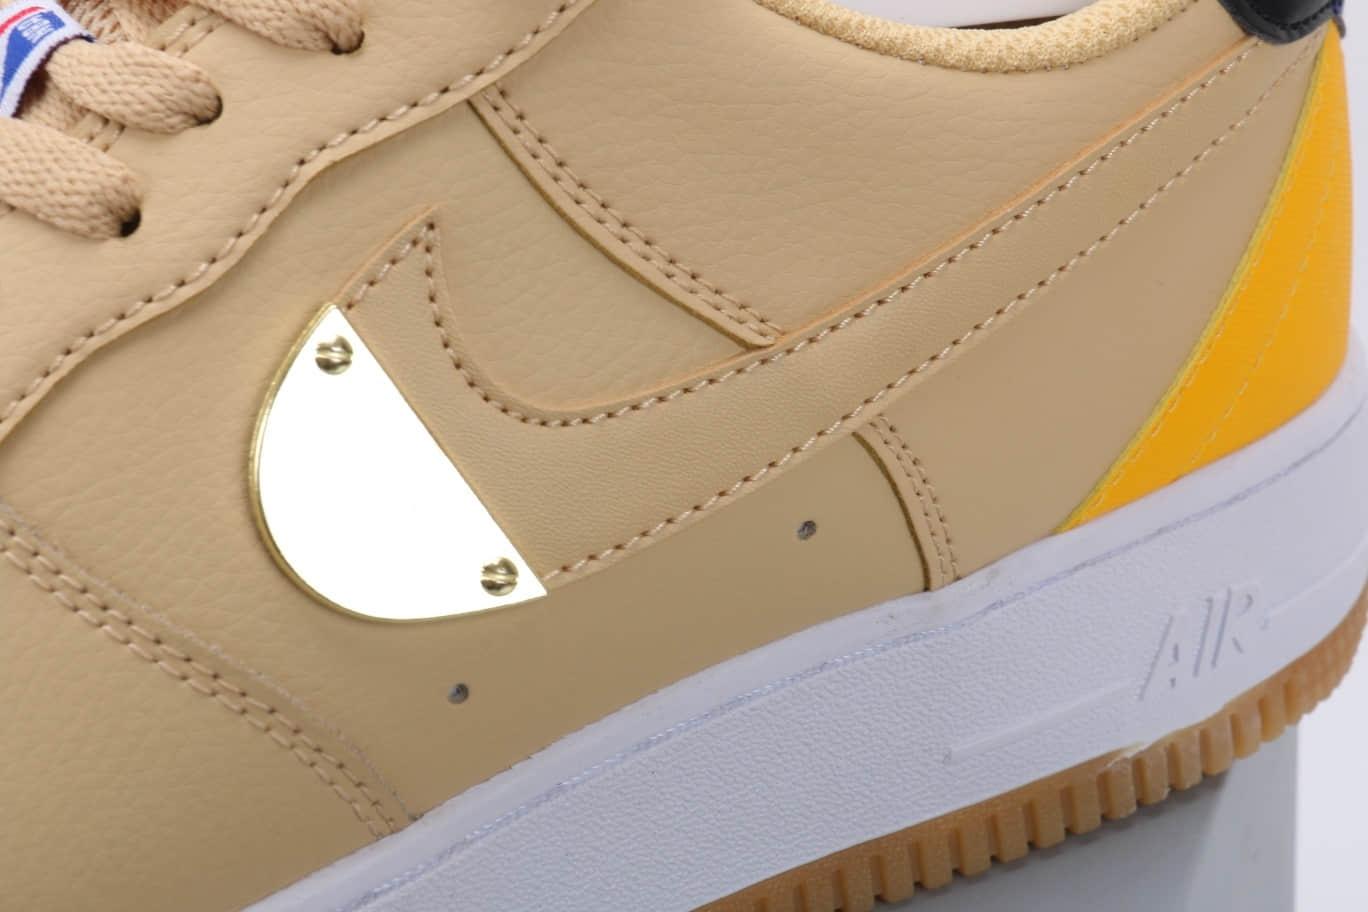 耐克Nike AIR FORCE 1 Low NBA Pack纯原版本低帮空军一号NBA联名款奶油黄板鞋原盒原标 货号:CT2298-200